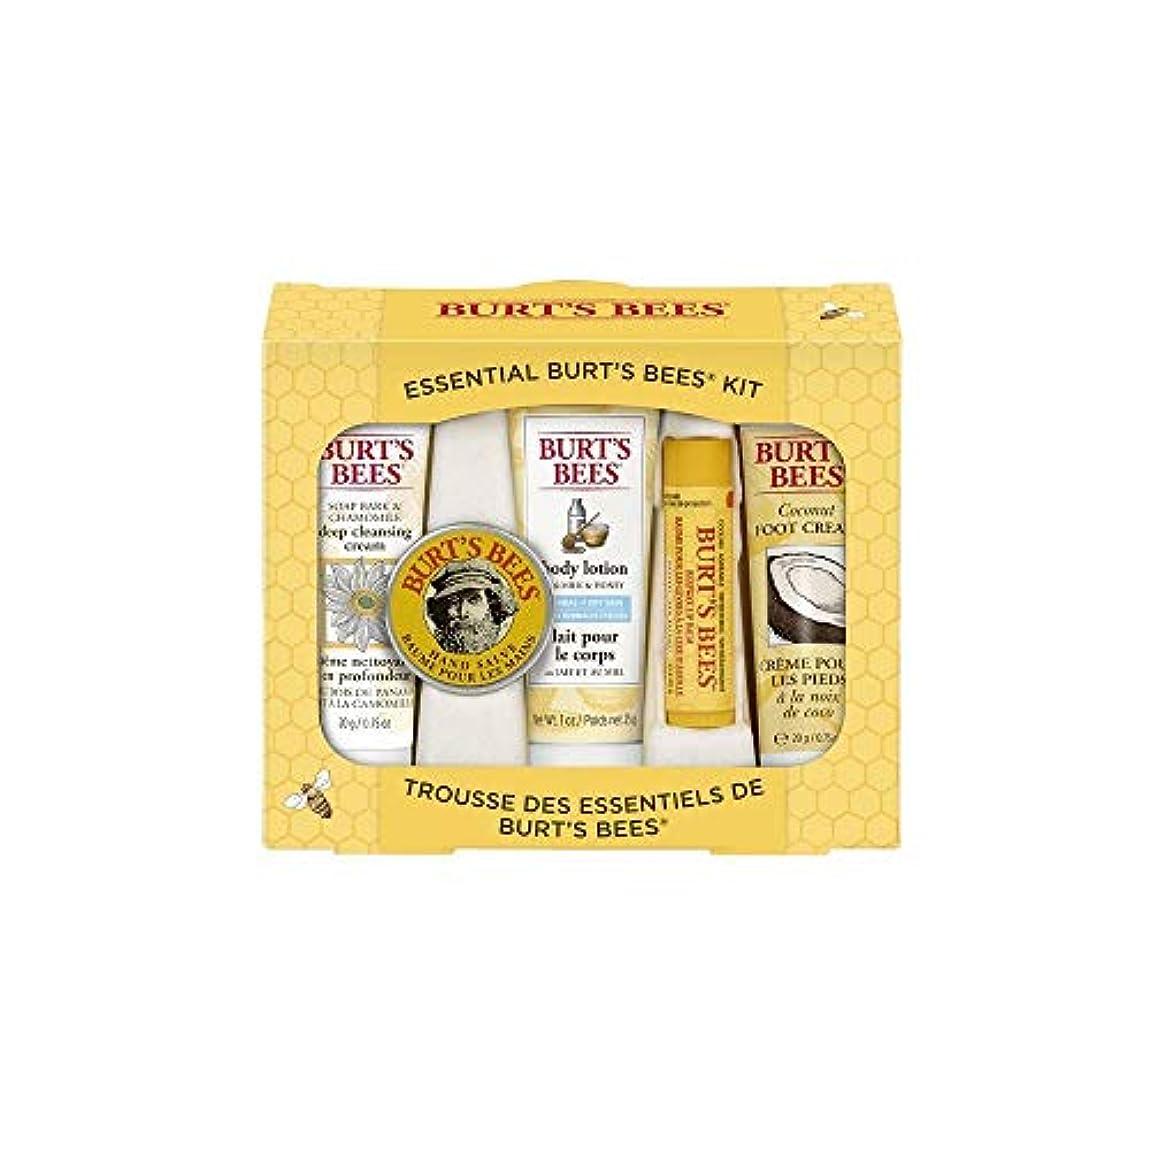 死んでいる偽装する改修するBurt's Bees エッセンシャル ビューティー Gift Set 5点セット